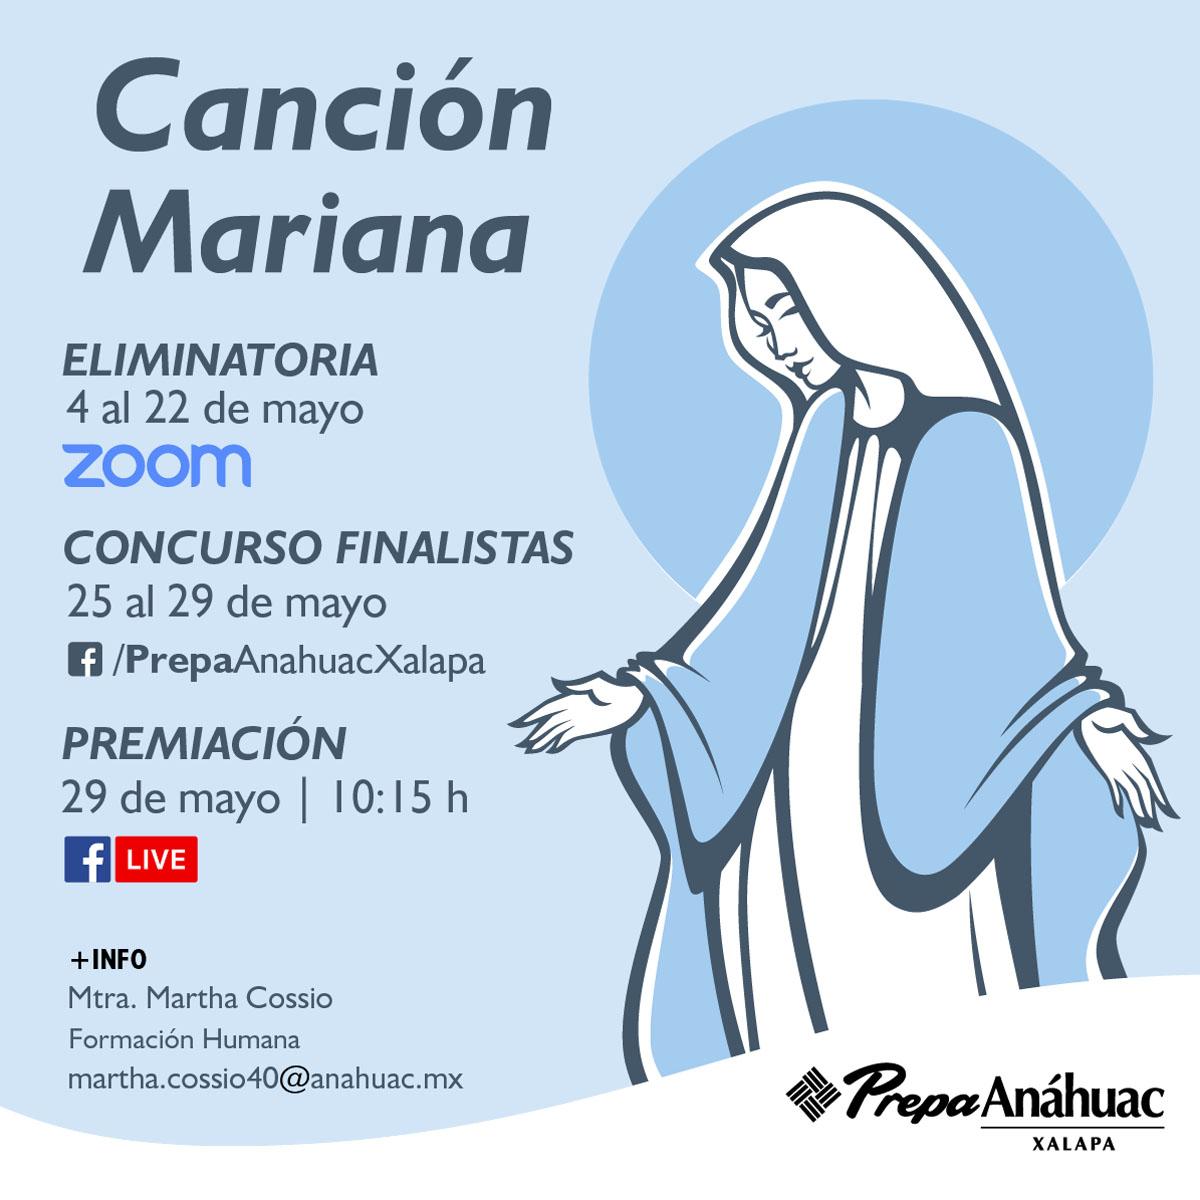 Concurso Canción Mariana